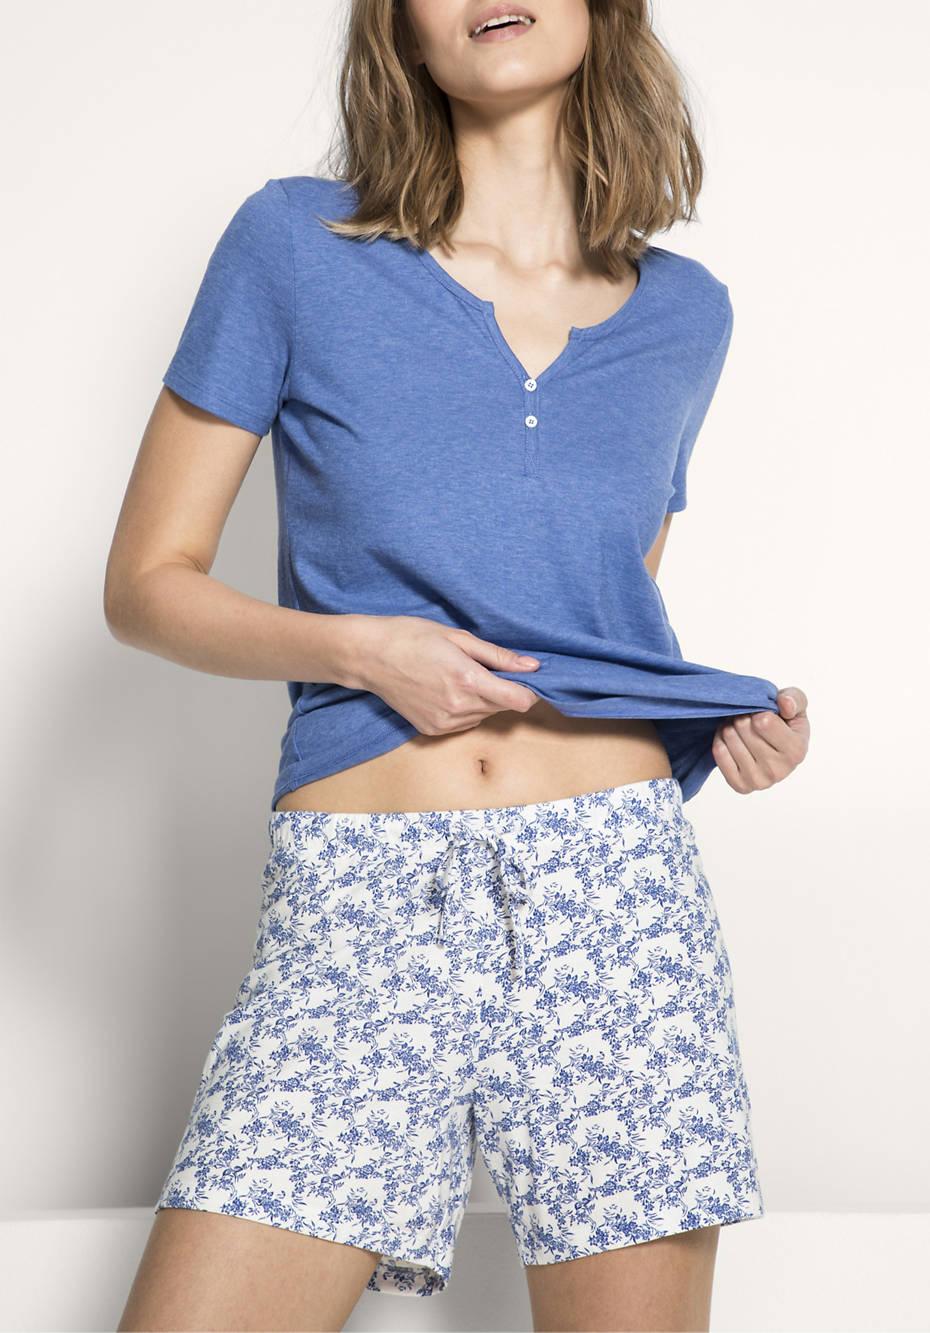 Damen Shorts aus reiner Bio-Baumwolle from Hessnatur